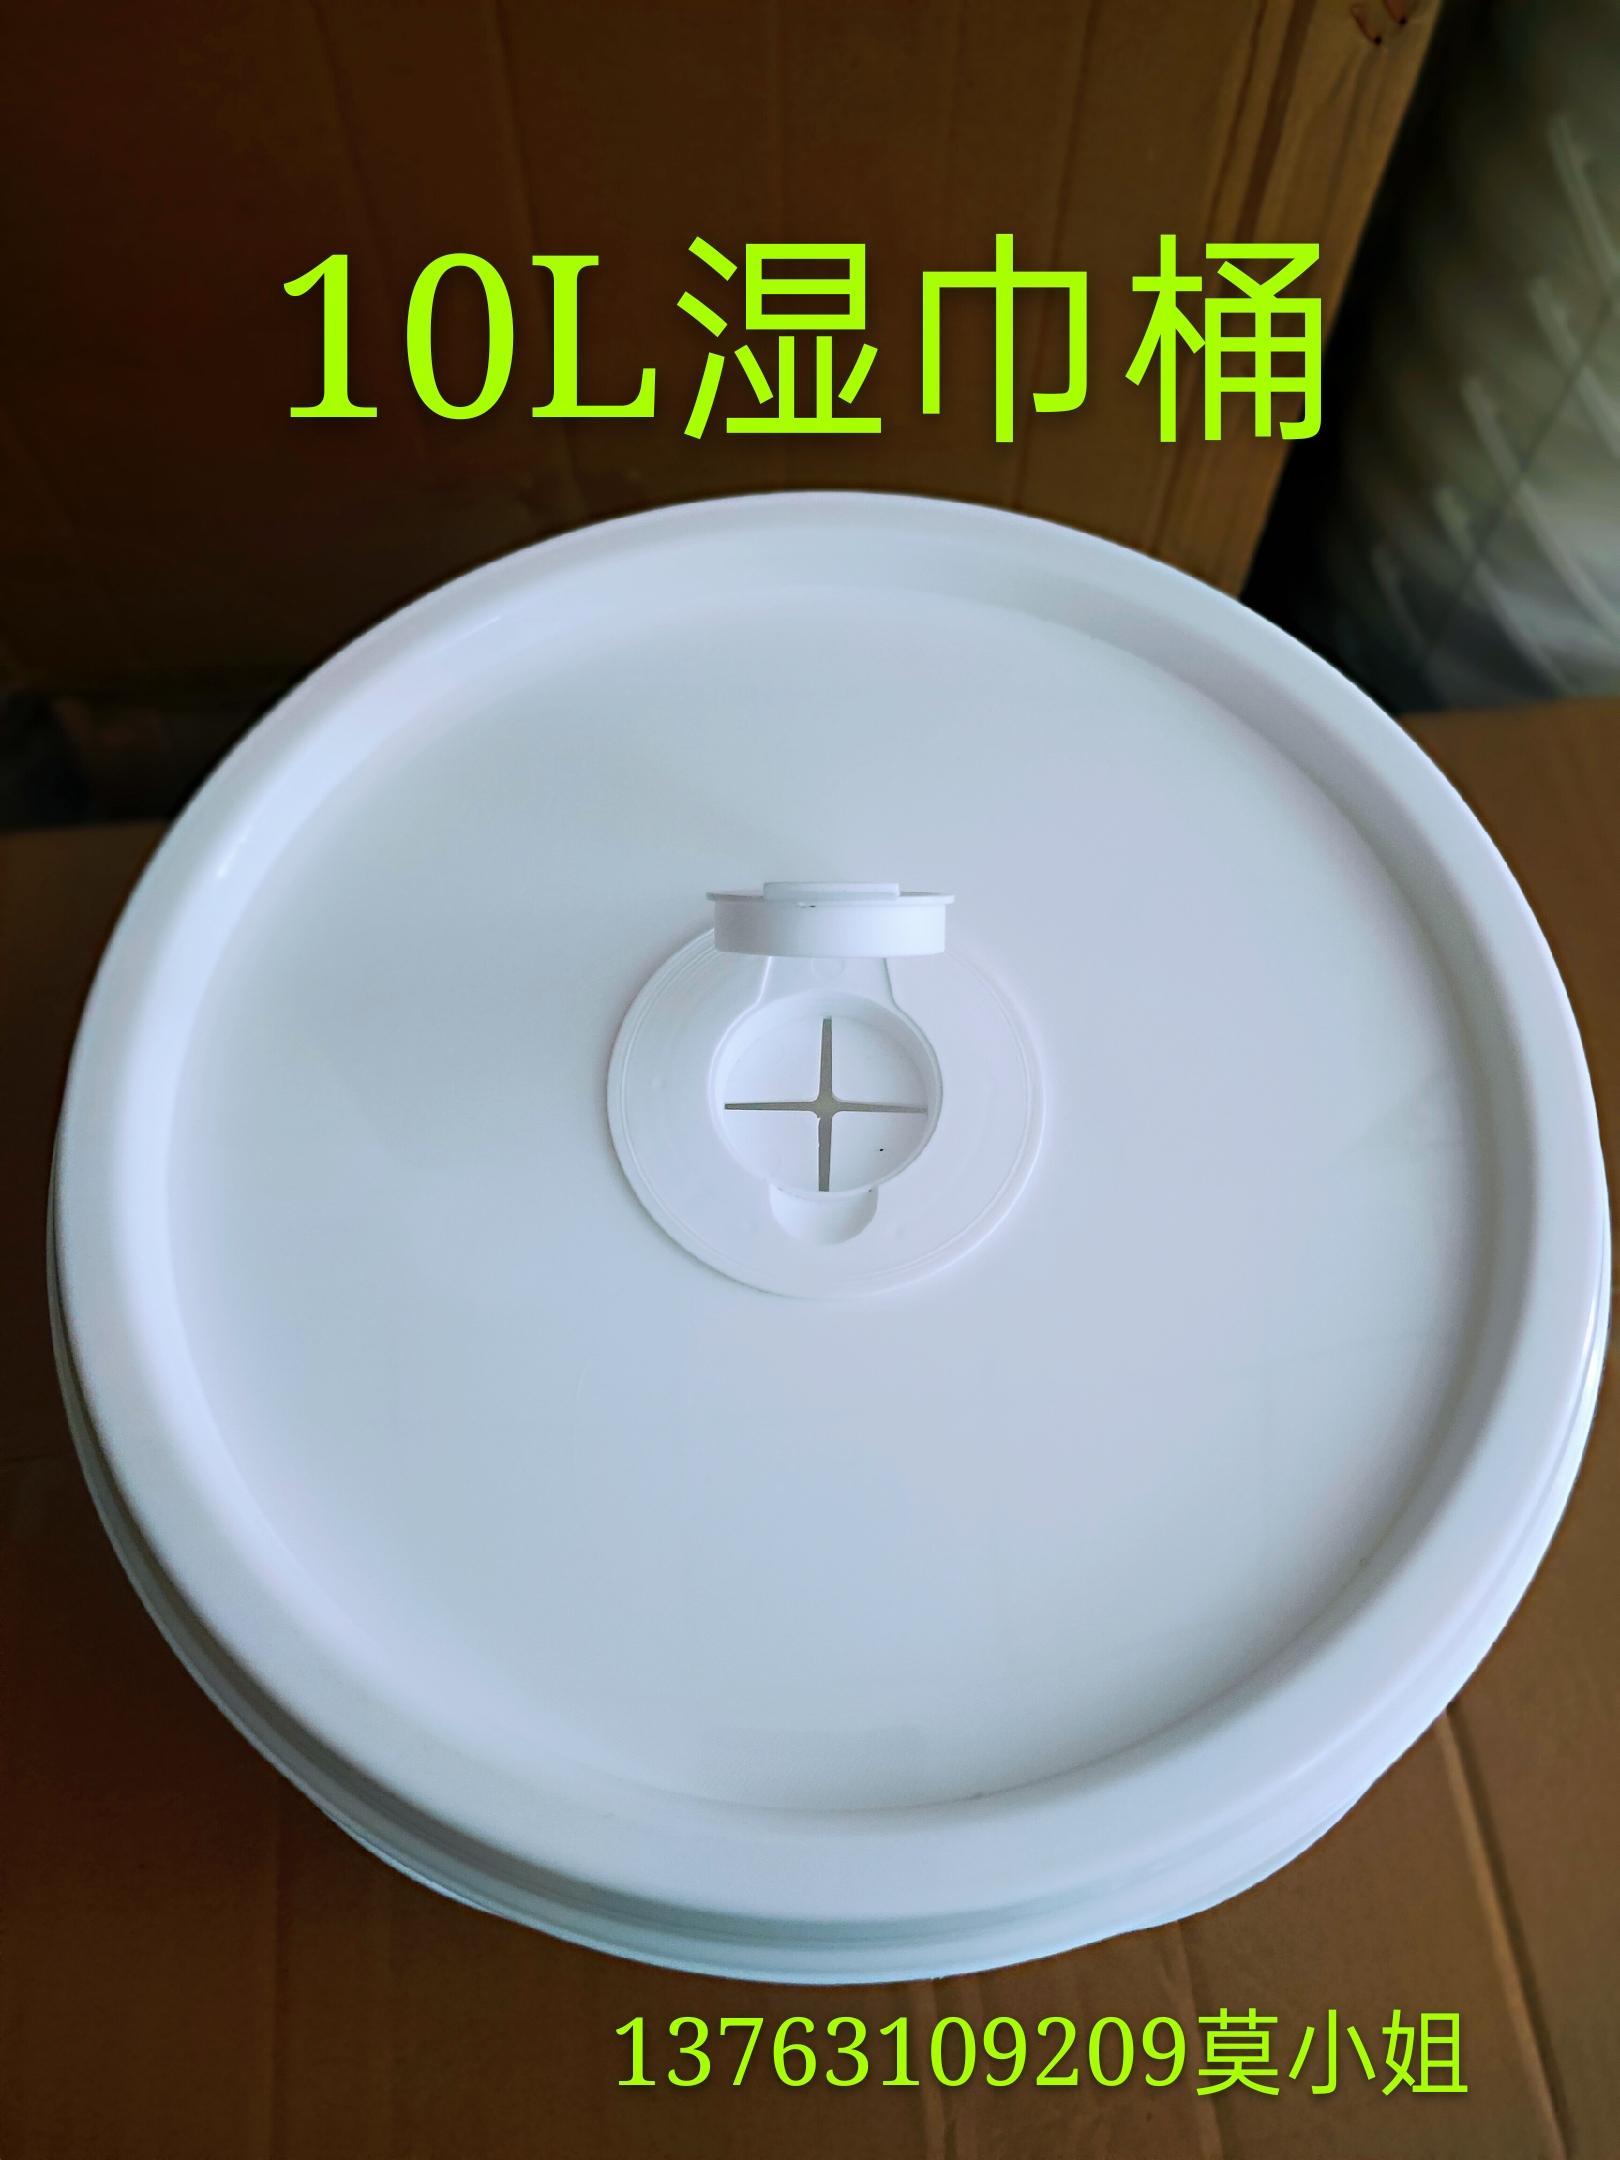 10L湿巾桶 浸润清洁工业湿巾桶